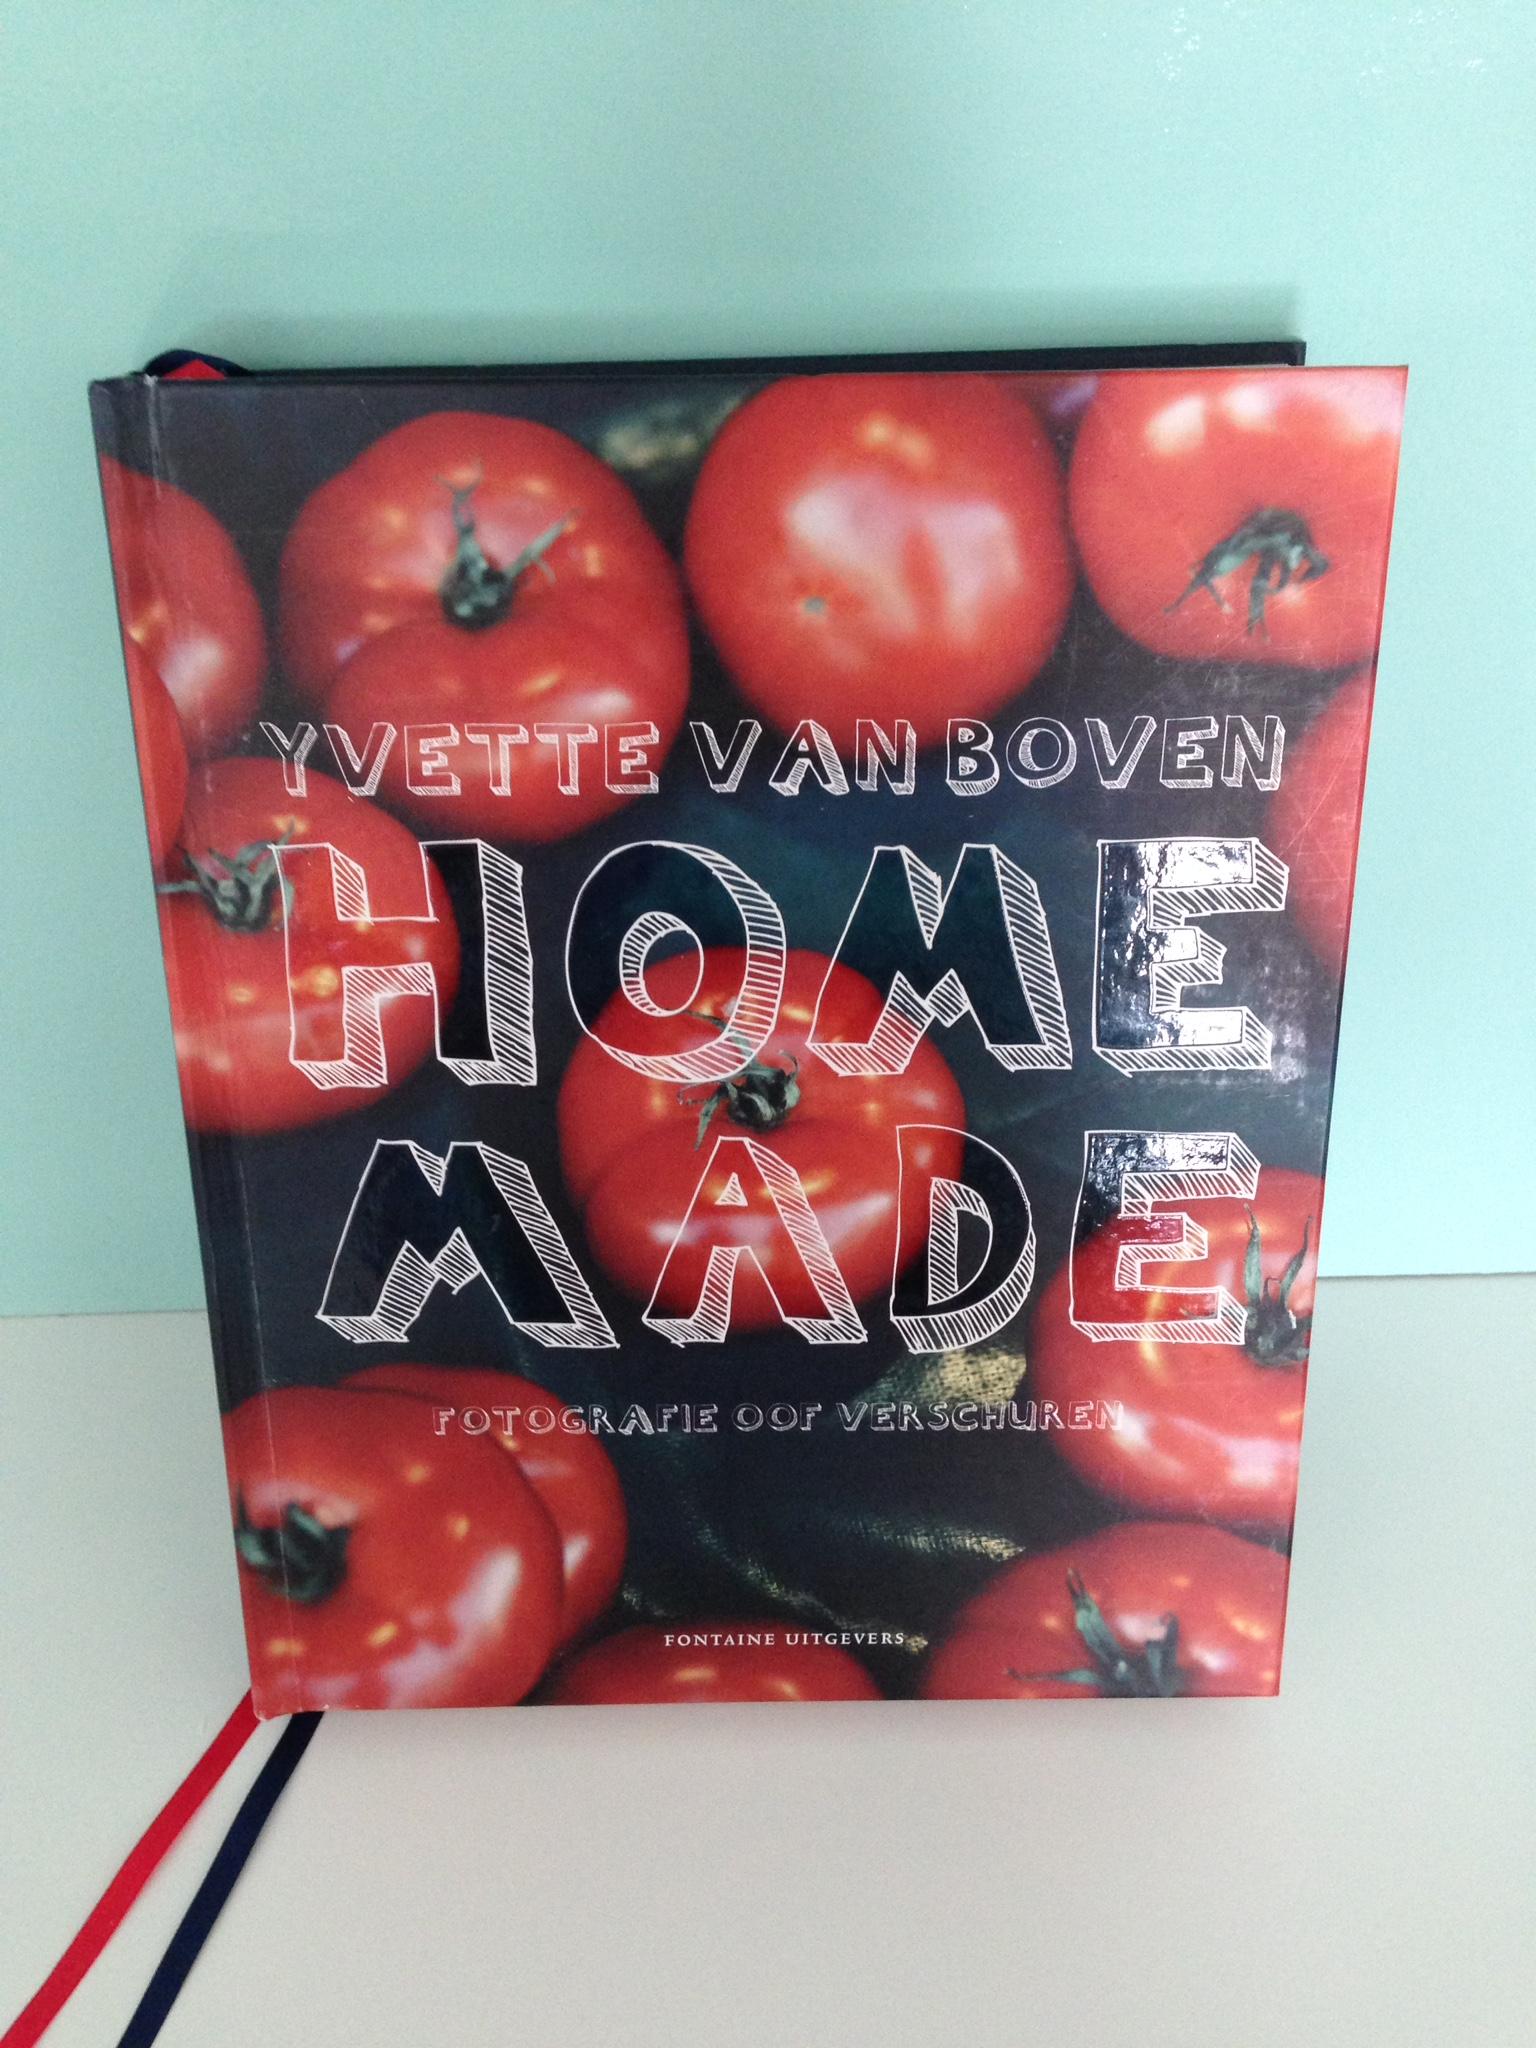 Home Made / Yvette van Boven